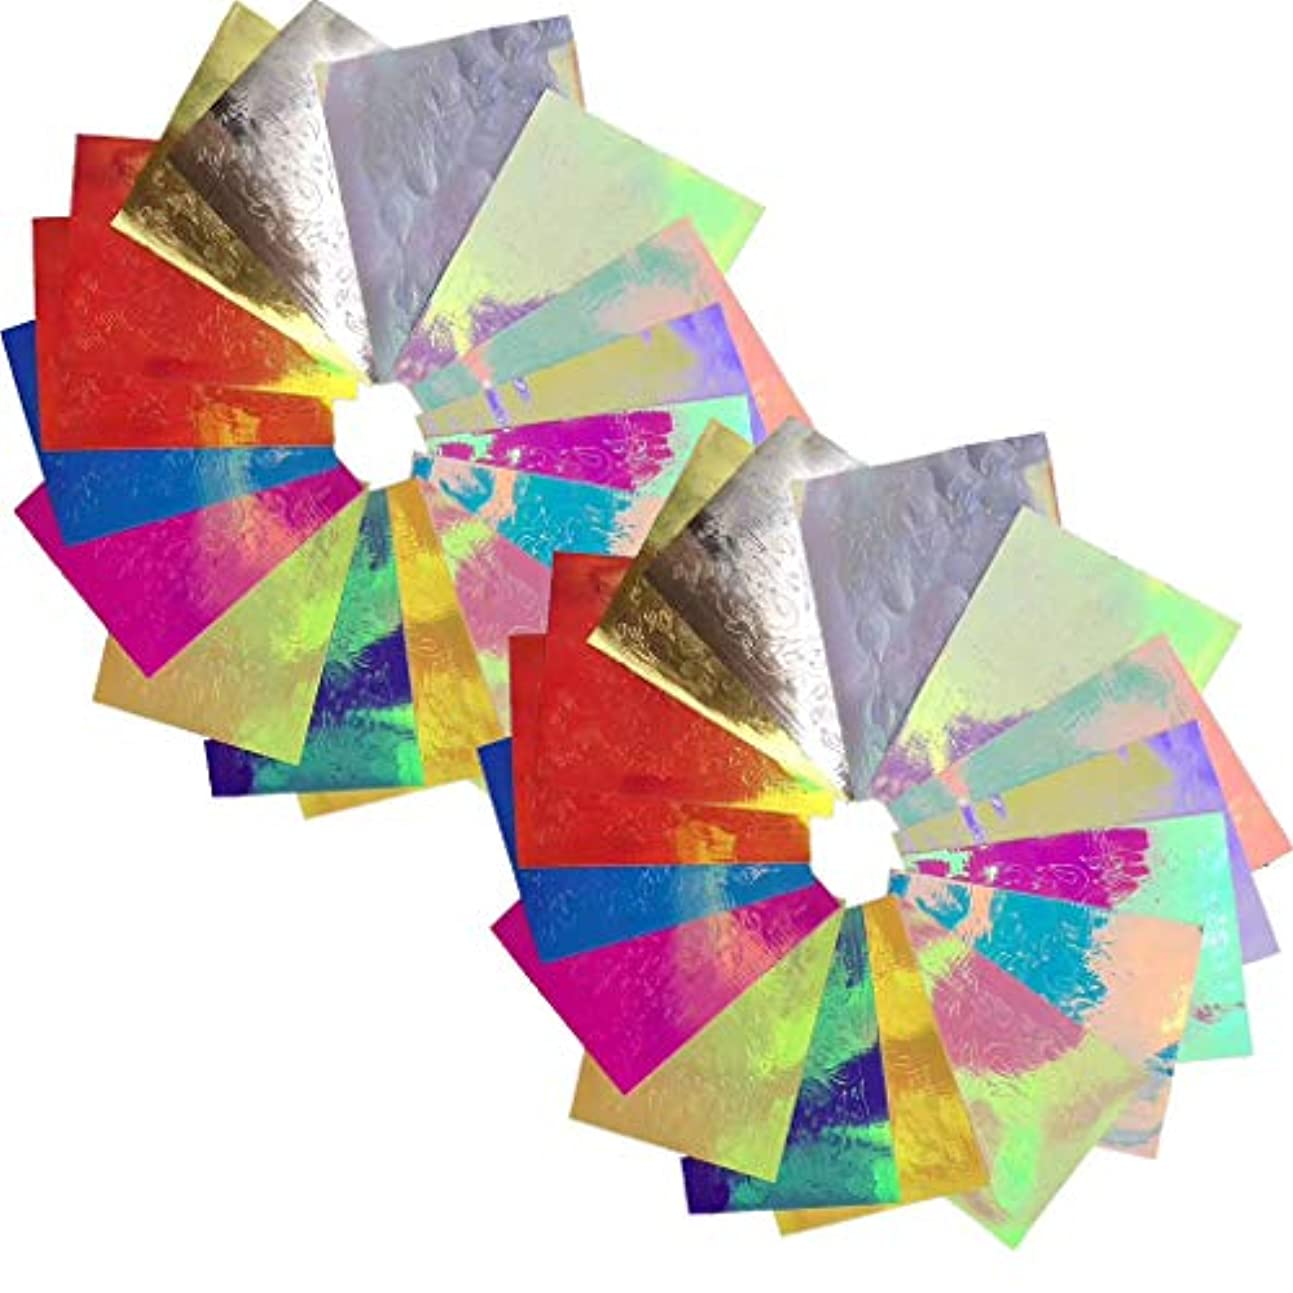 みがきます蒸発するゼロtopshop ネイルステッカー貼るだけマニキュア ネイルアート ネイルラップ ネイルアクセサリー女性 レディースプレゼント ギフト 可愛い 人気 おしゃれな上級ネイルシール (8 PCS A)